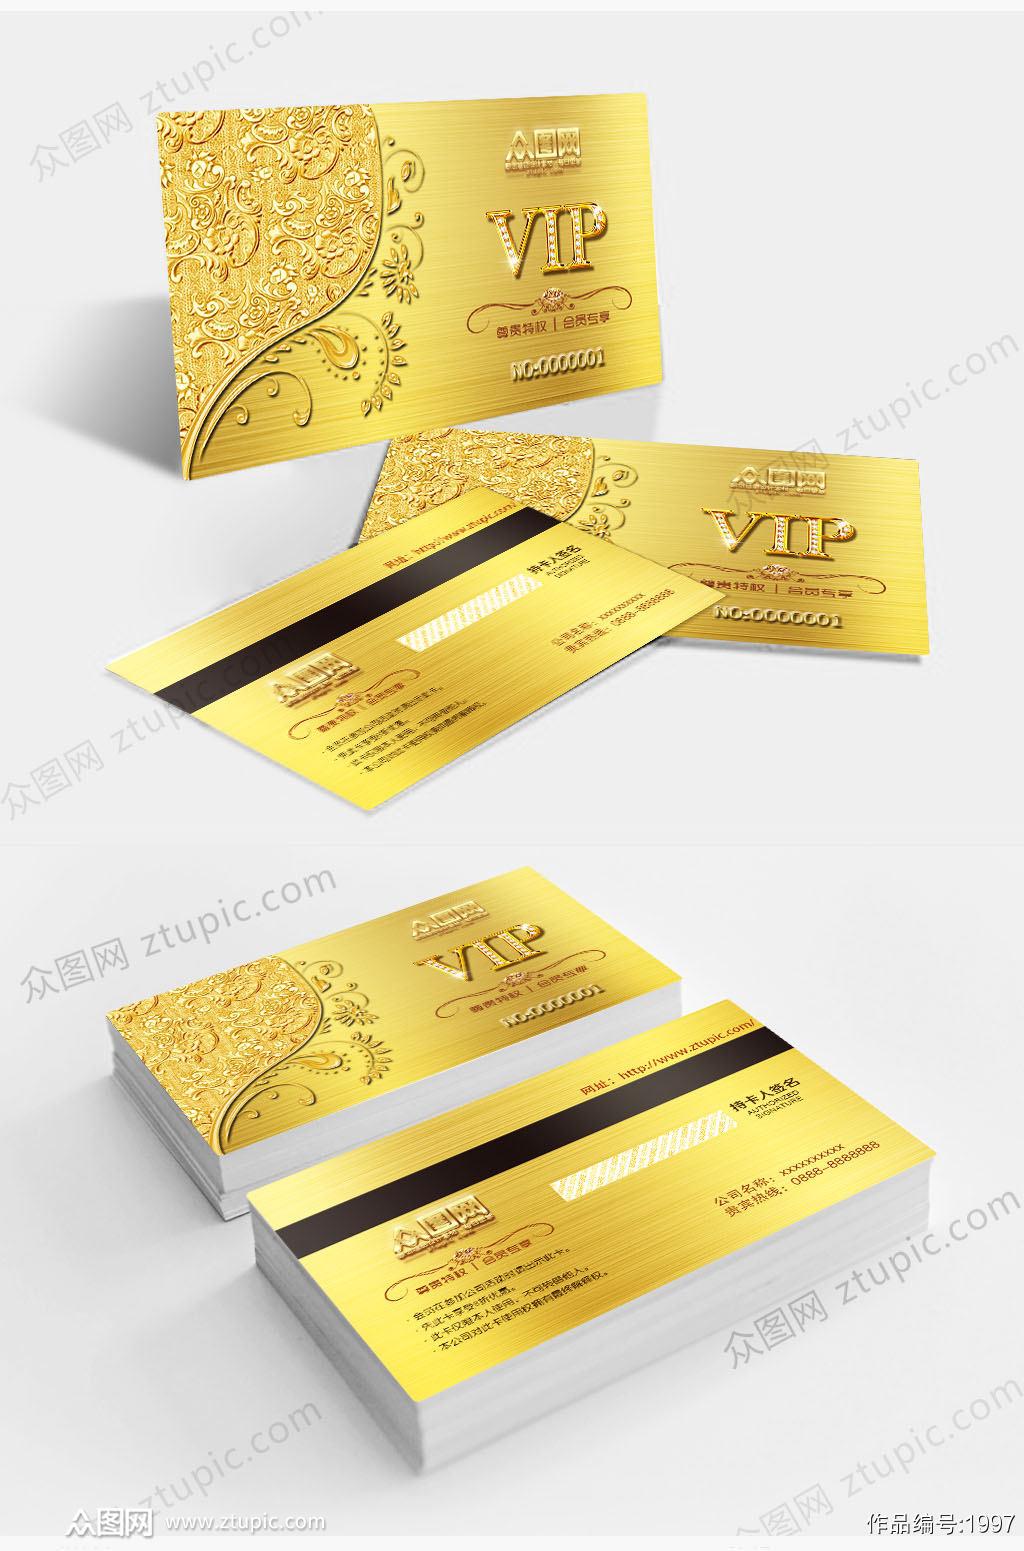 通用VIP会员卡设计素材